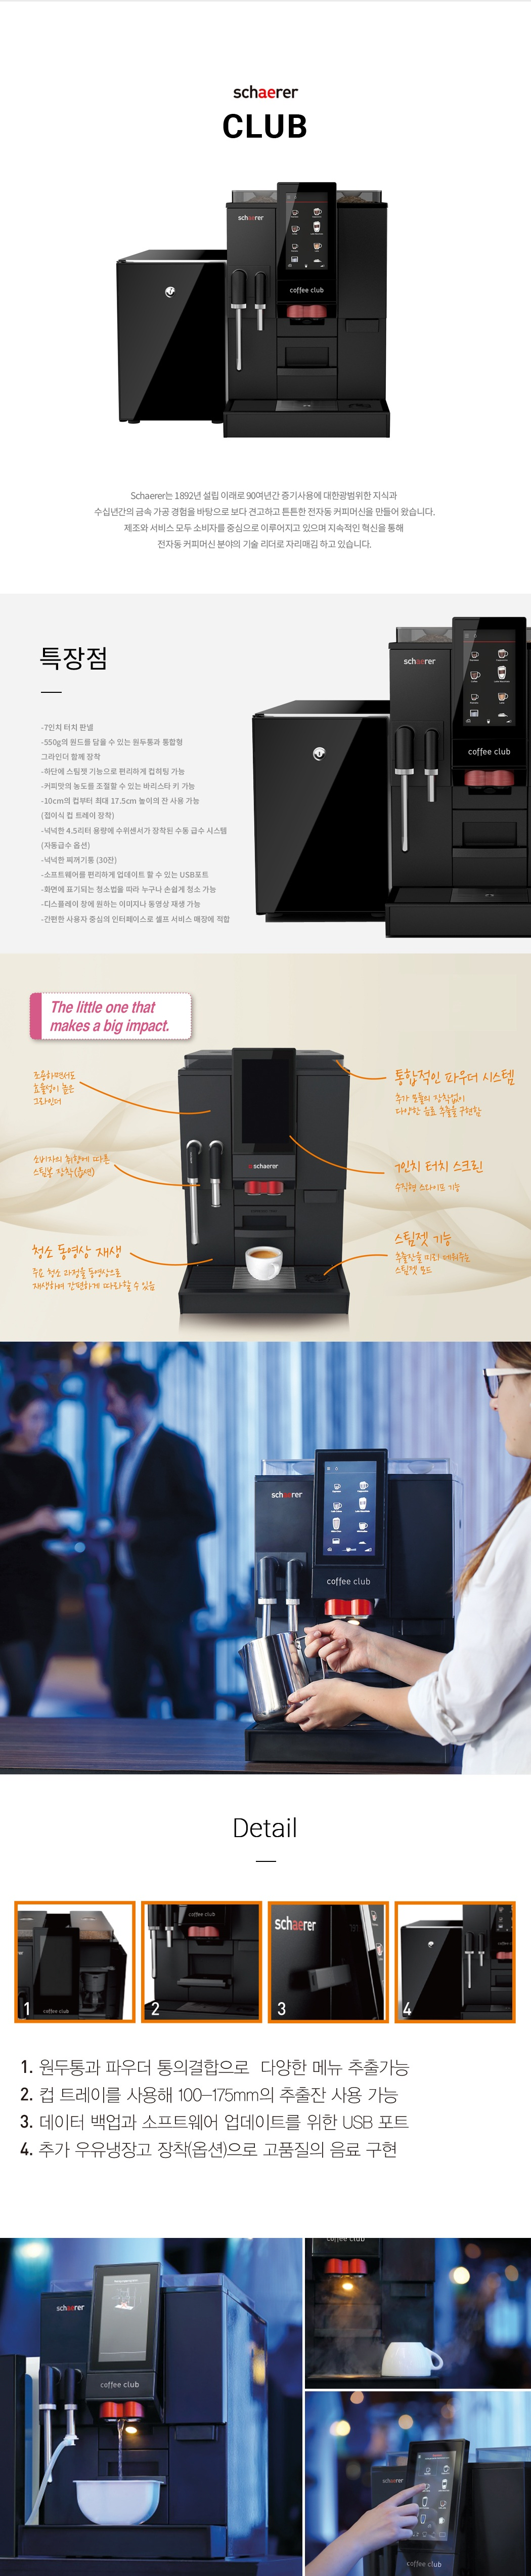 커피클럽.jpg